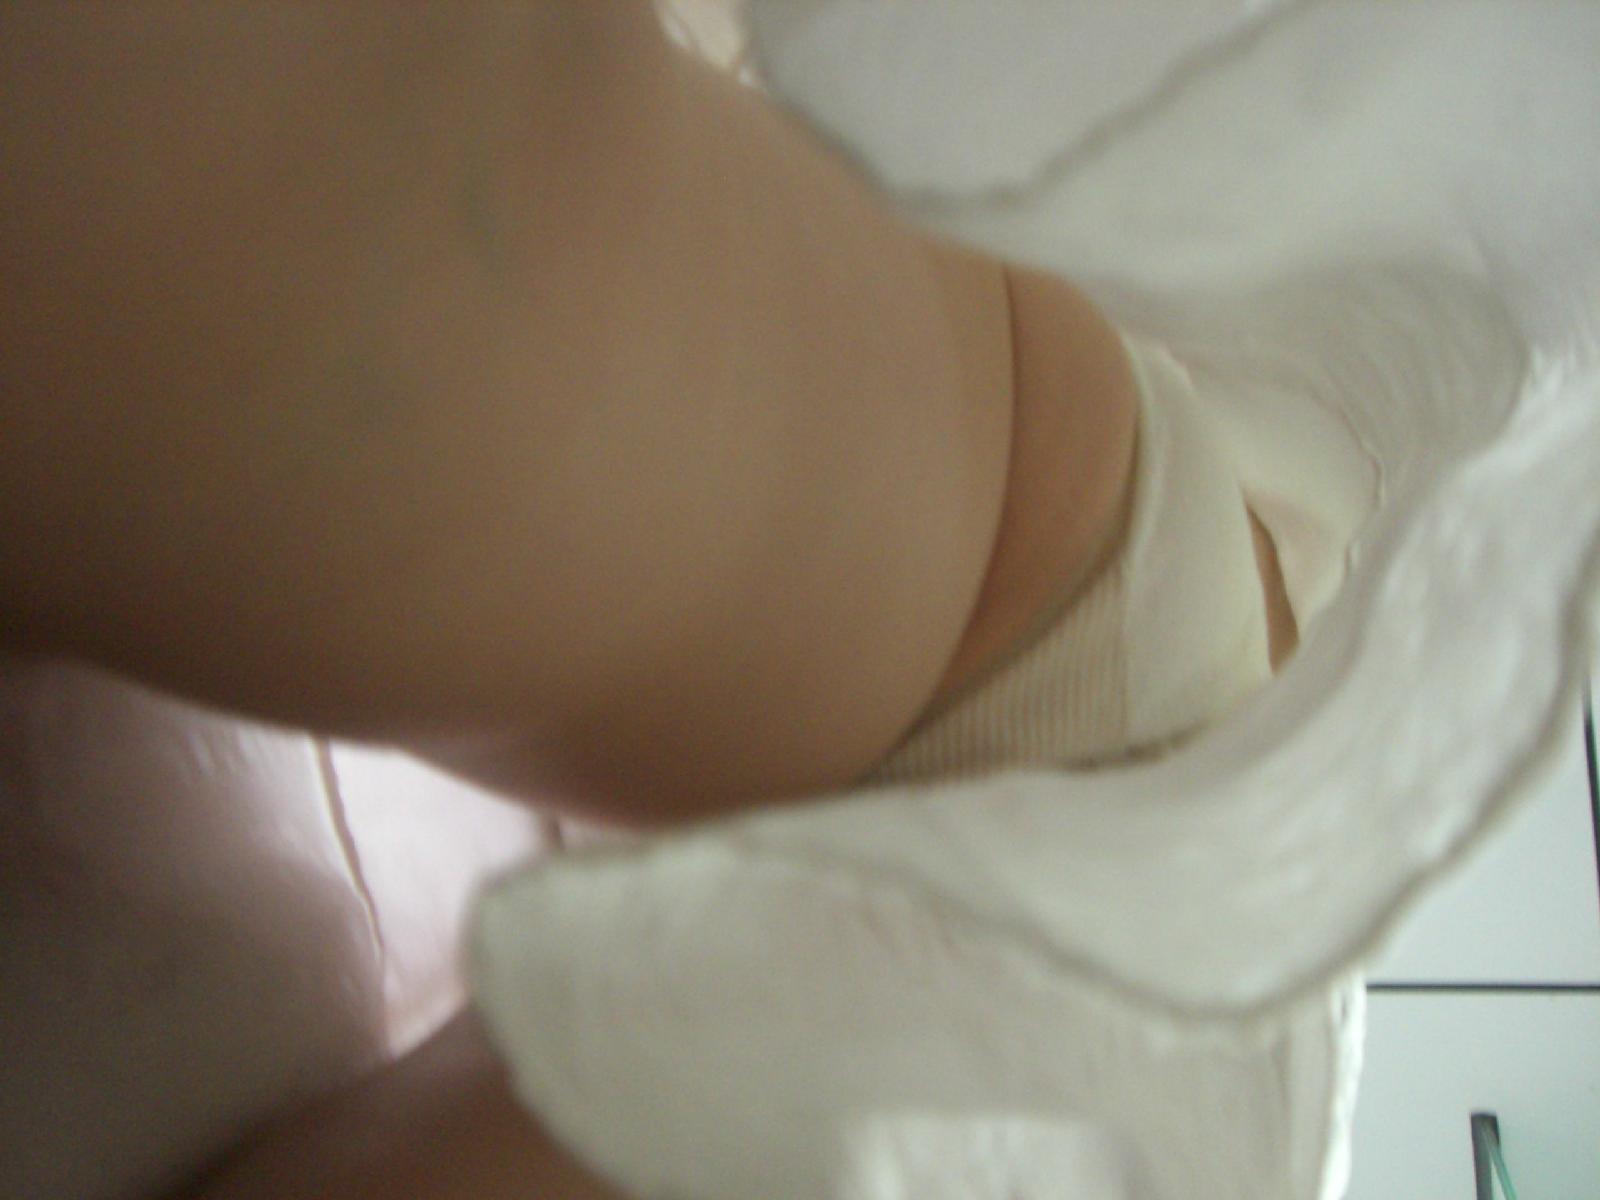 白衣ナースの透けフルバックパンティ逆さ撮りエロ画像14枚目